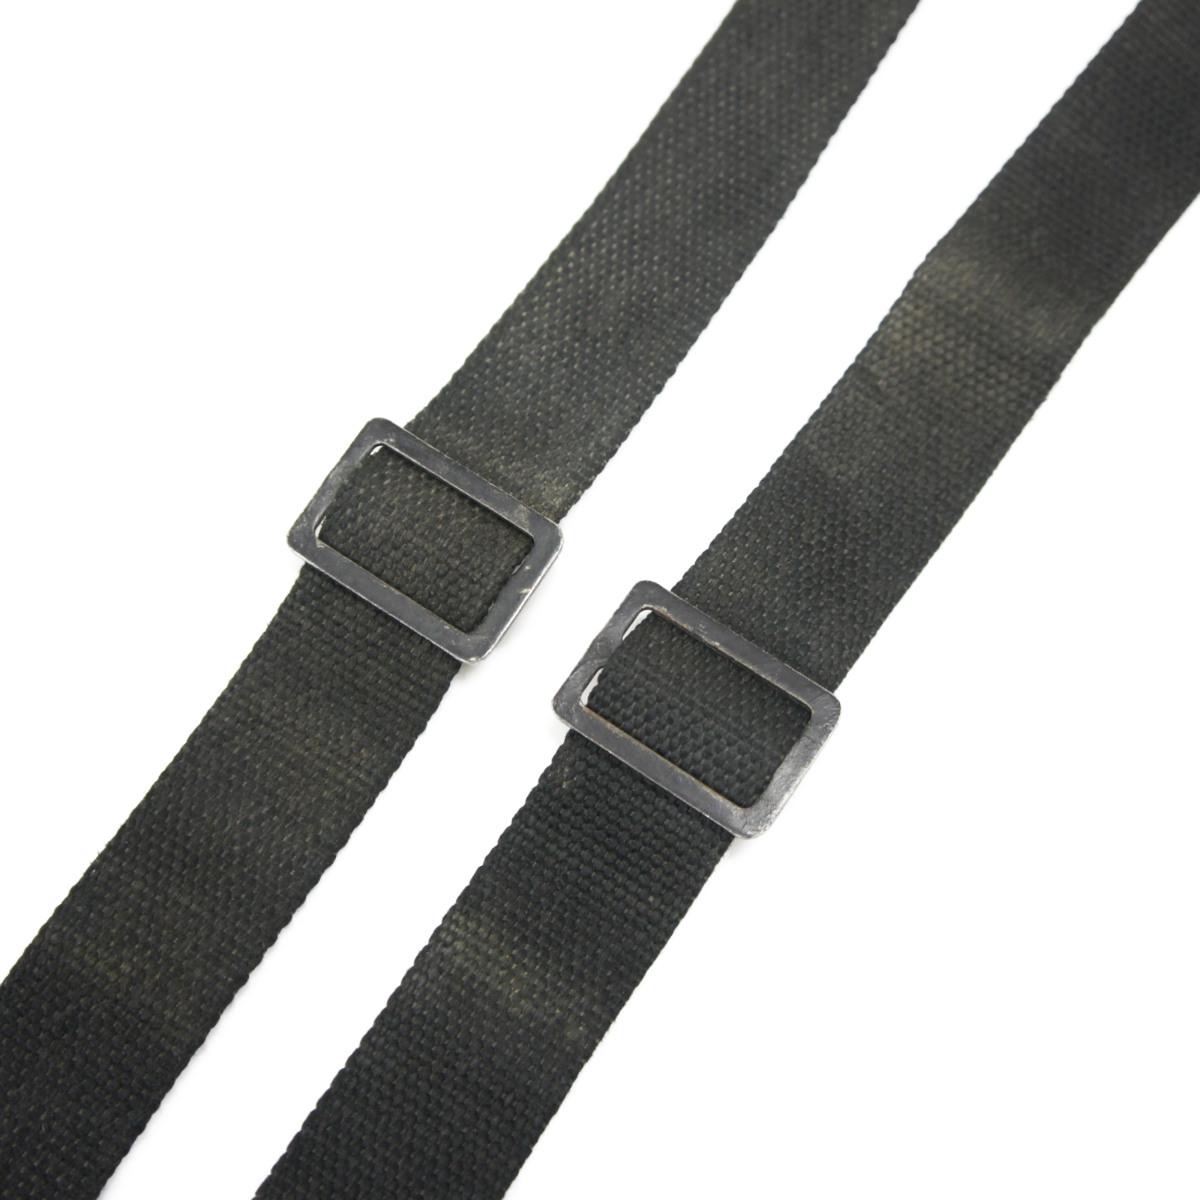 20080329-16 サイレントスリング *ブラック/ショートサイズ/全長(約)130cm